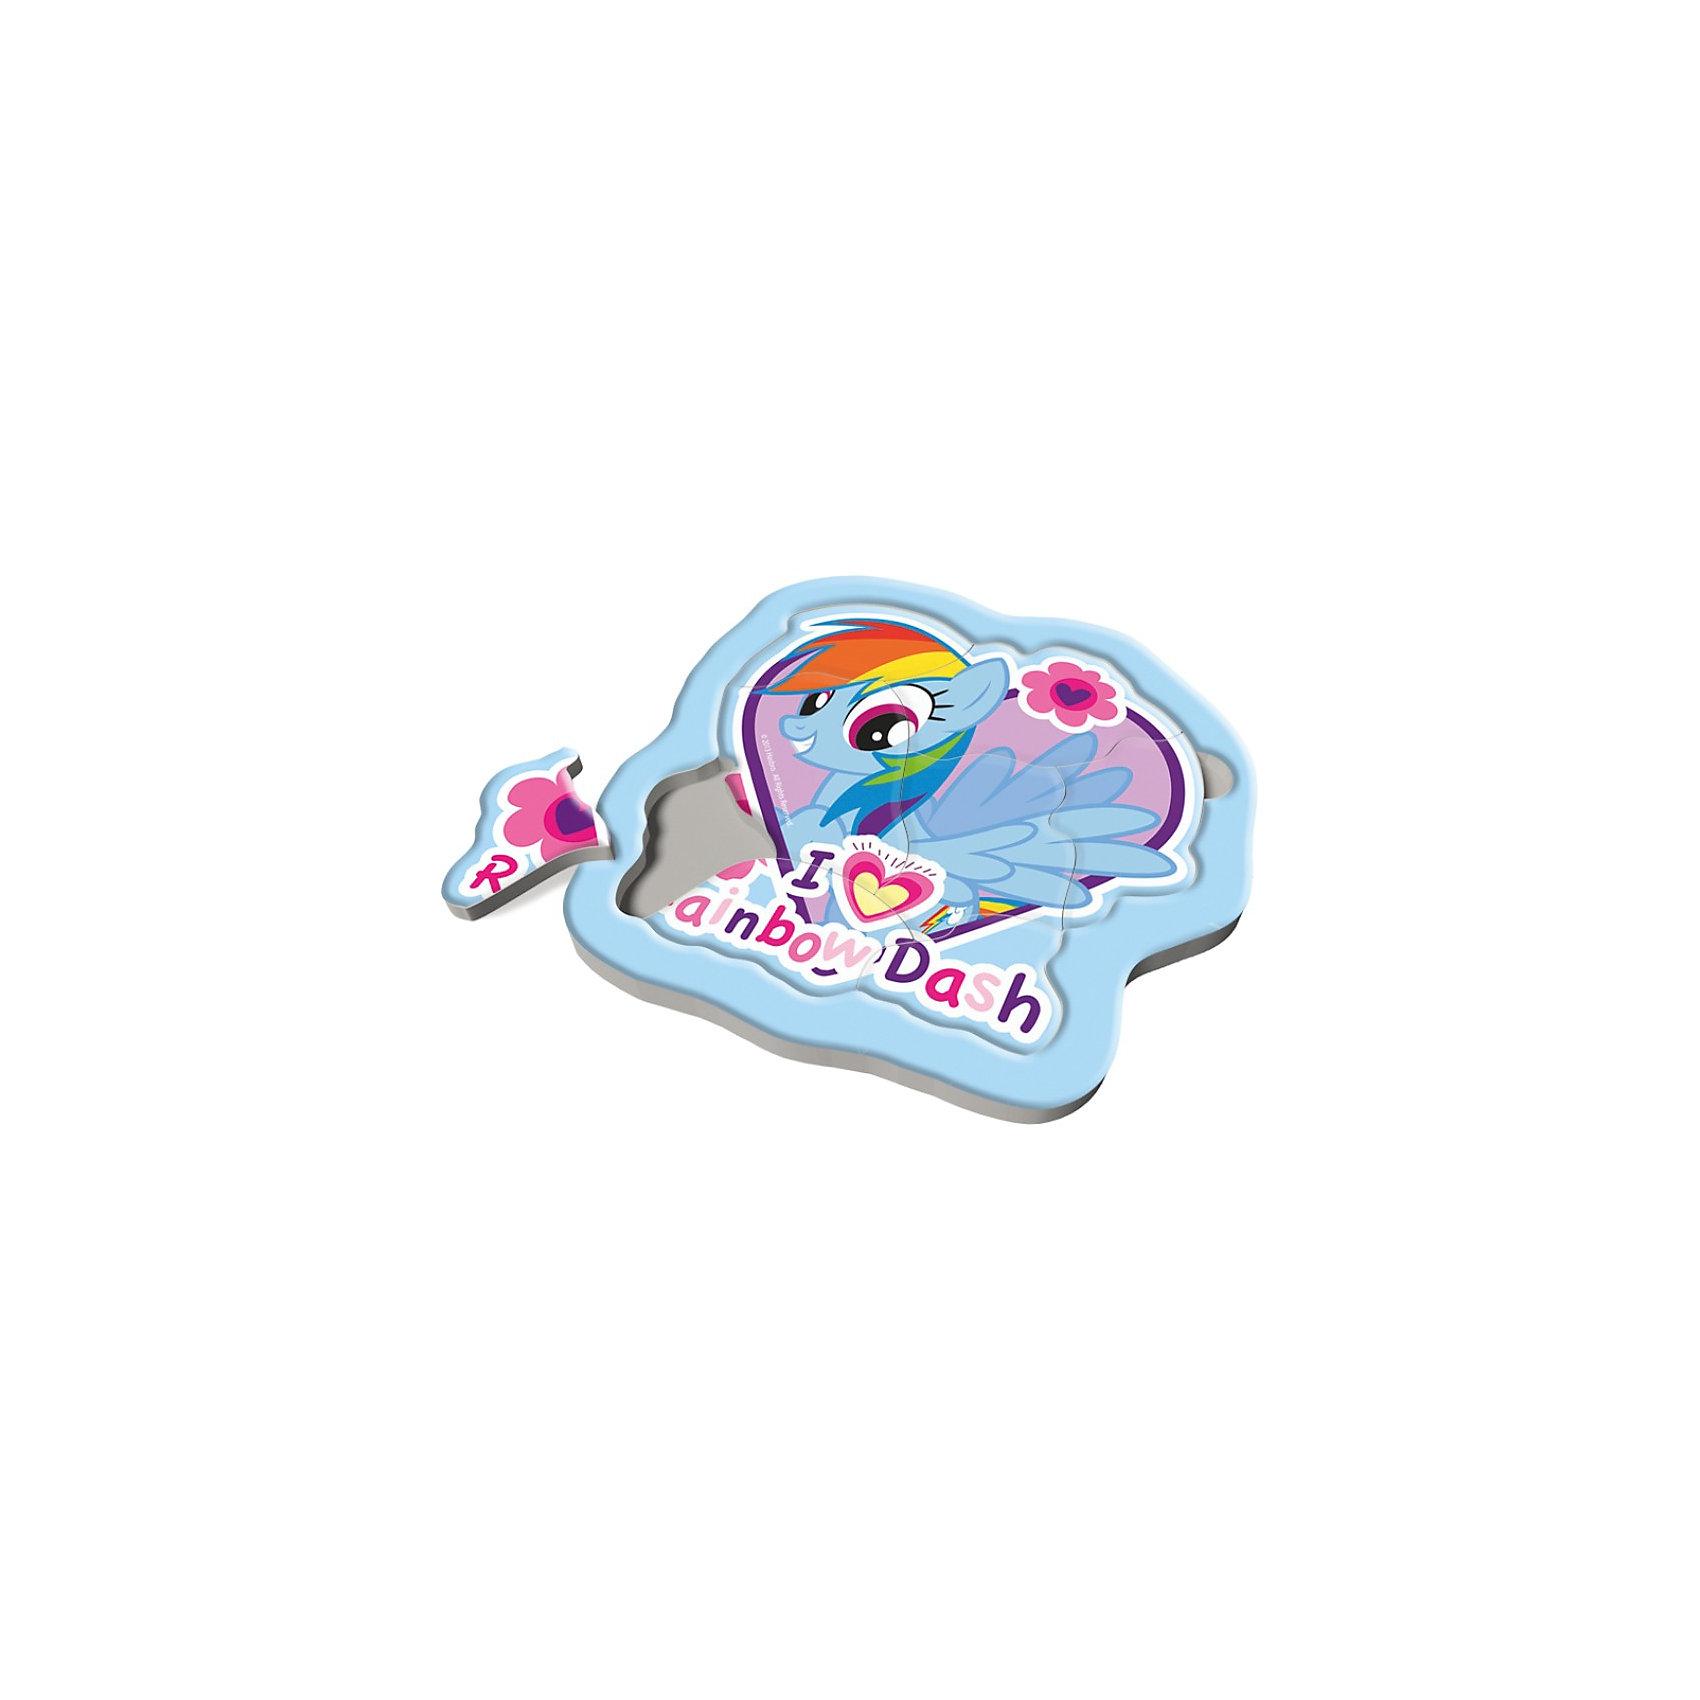 Пазлы Trefl Радужные пони, 8 элементовMy little Pony<br>Радужные пони – это маленькие удивительные лошадки, живущие высоко в небе, среди пушистых облаков, рядом с радугой и солнцем. Днем они любят резвиться посреди неба, а вечером танцуют со звездочками. Создайте свою волшебную историю про радужных пони, собирая кусочки пазлов в картинку, и ребенок будет счастлив.<br>Эти маленькие кусочки, изготовленные из высококачественного картона, научат ребенка доводить начатое до конца и не бояться сложностей, а также разовьют память и усидчивость.<br>Материал изделия: высококачественный картон. <br>Размер упаковки: 21,5 х 21,5 х 10 см<br>Размер собранной картинки: 21,3 x 21,3 см <br>Предназначено для детей старше 2 лет.<br><br>Ширина мм: 220<br>Глубина мм: 220<br>Высота мм: 15<br>Вес г: 227<br>Возраст от месяцев: 24<br>Возраст до месяцев: 48<br>Пол: Женский<br>Возраст: Детский<br>Количество деталей: 8<br>SKU: 3869078